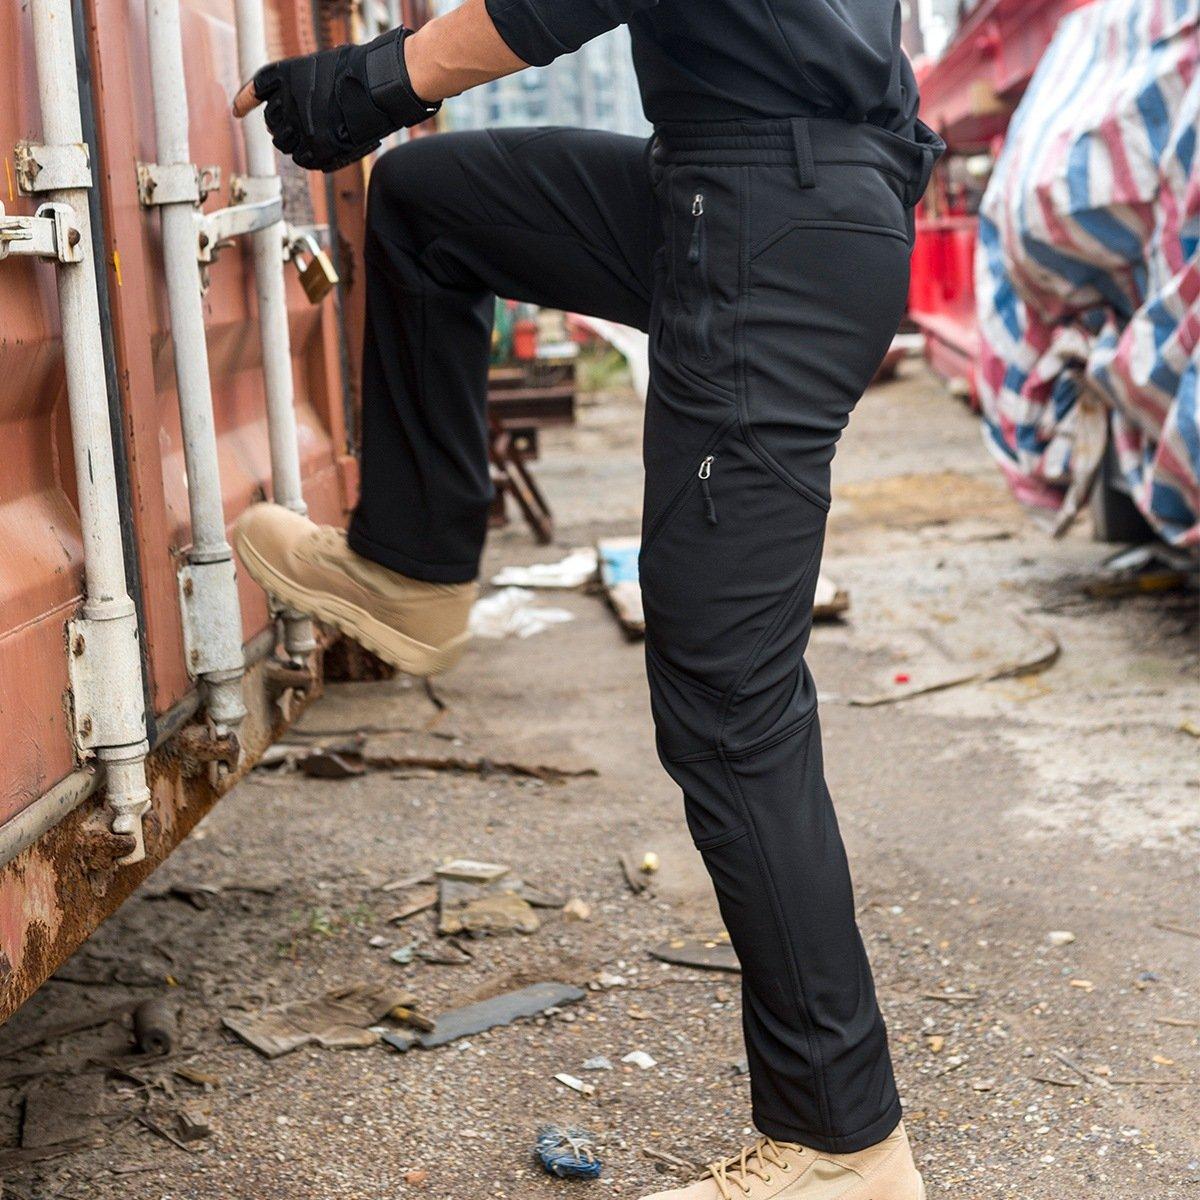 para Escalada y Senderismo Pantalones Softshell para Hombre FREE SOLDIER con Forro Impermeables y Cortavientos